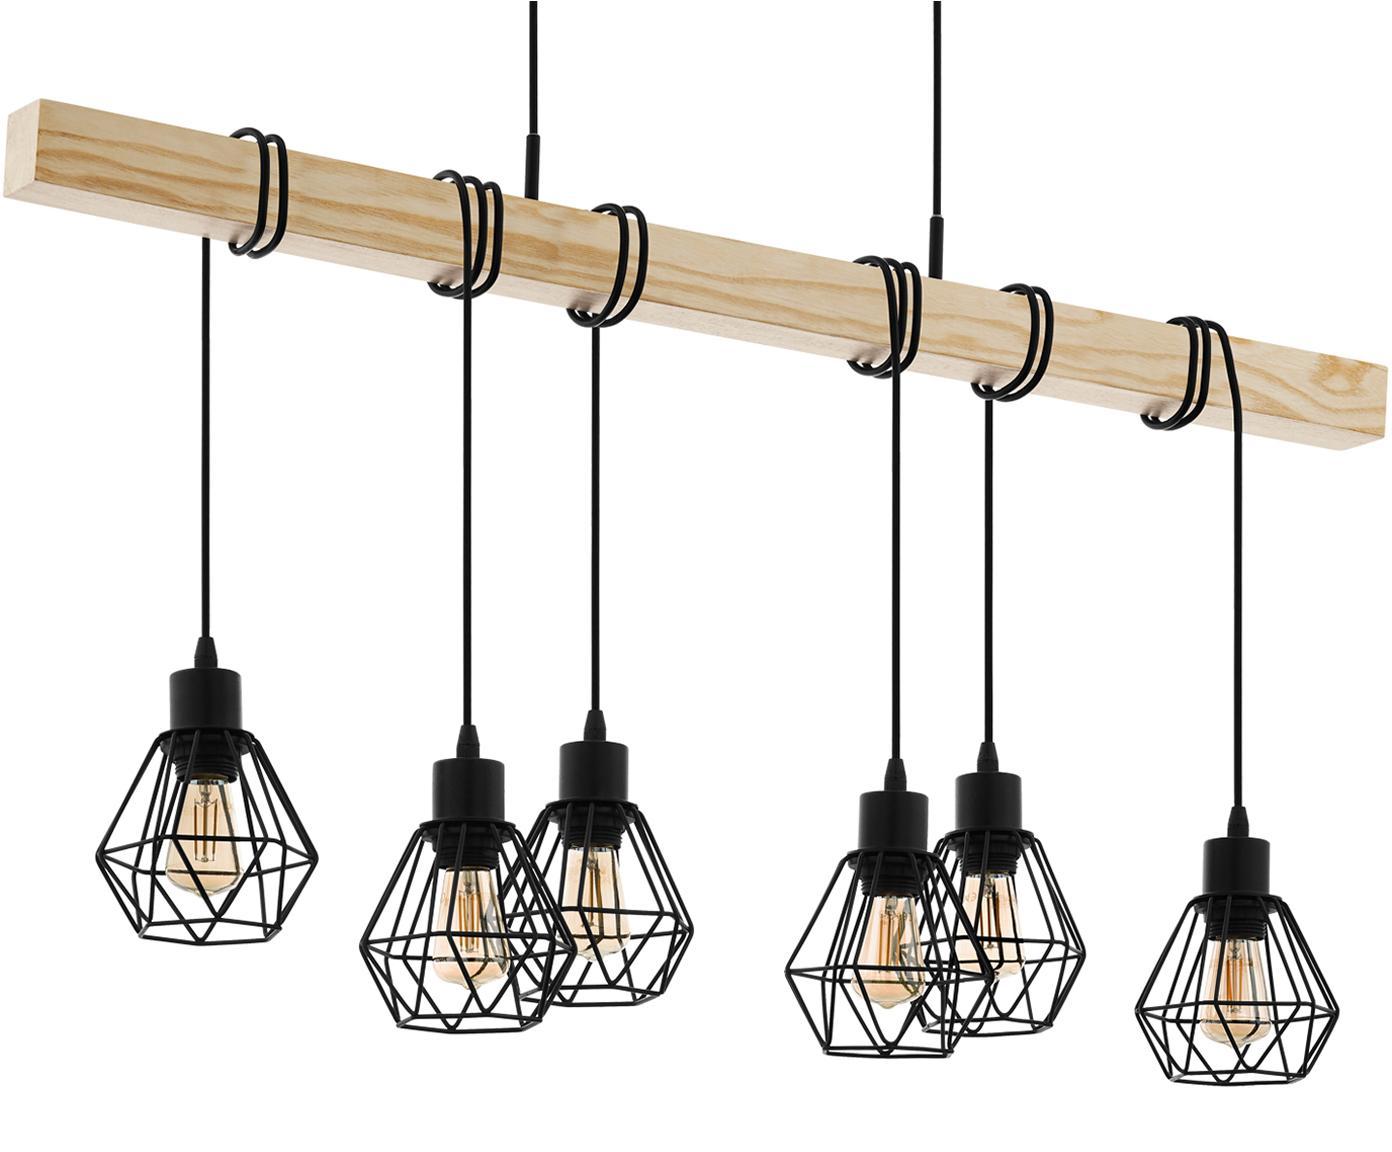 Duża lampa wisząca Townshend, Czarny, drewno naturalne, S 100 x W 110 cm